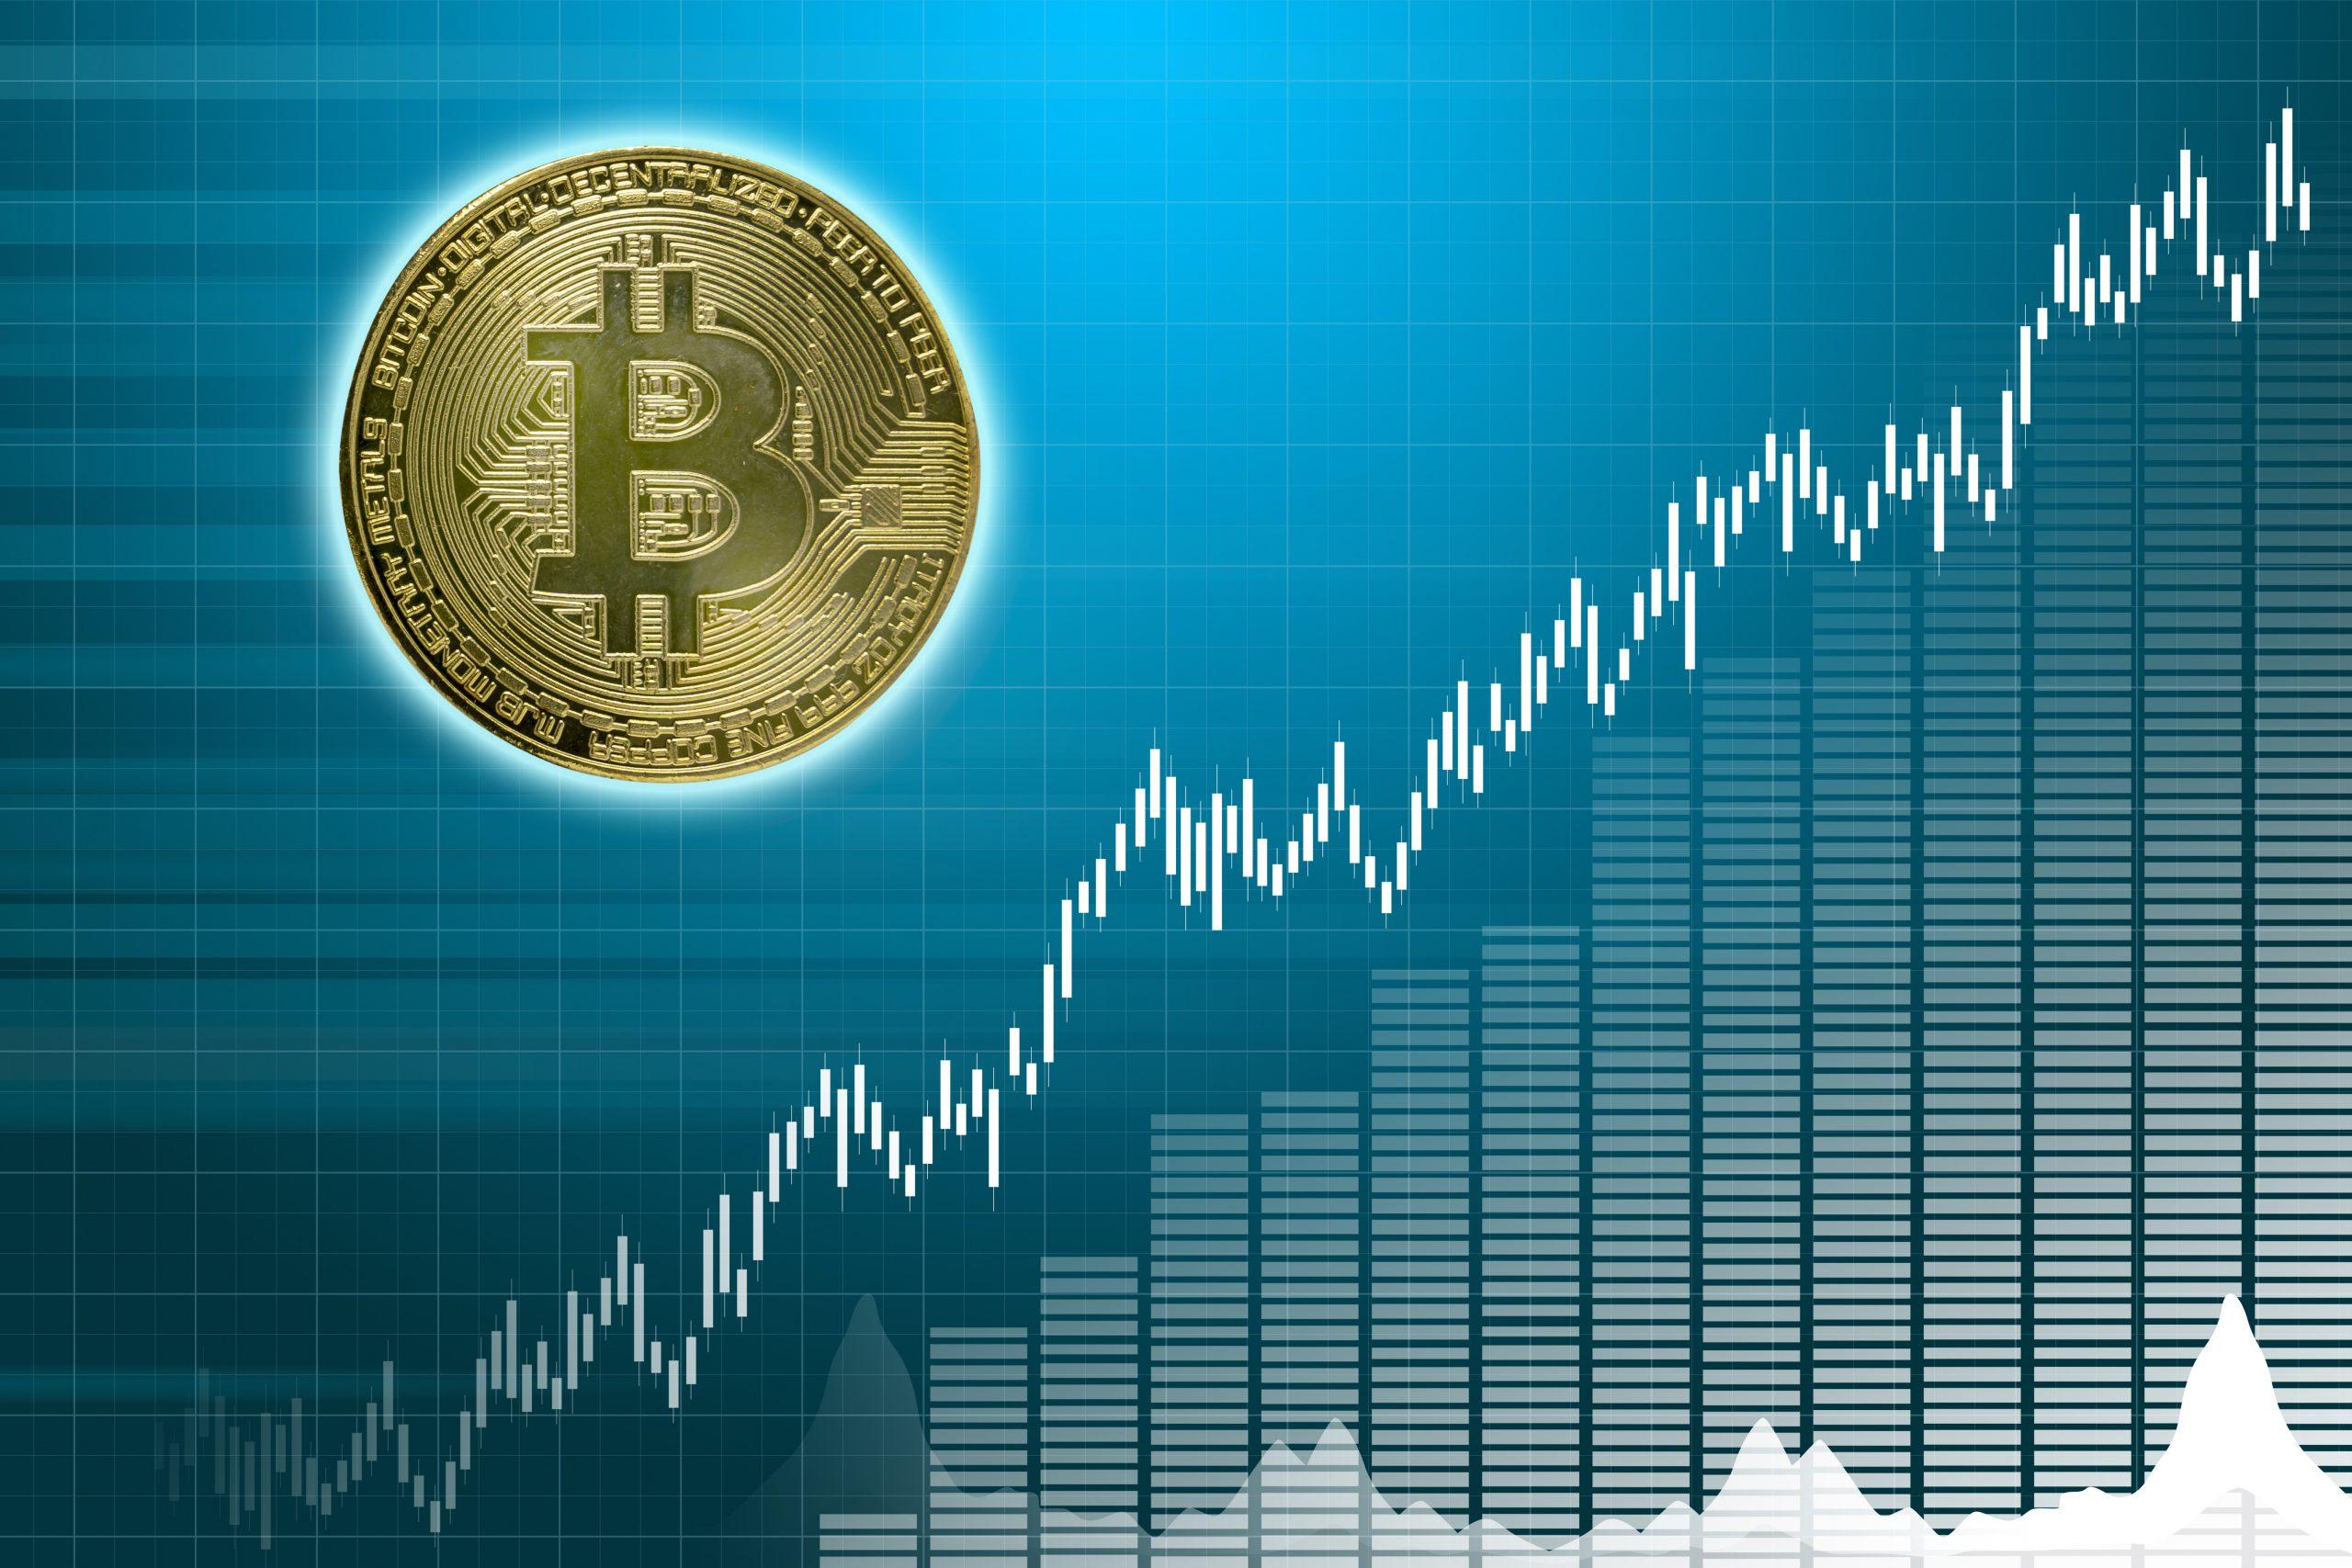 Bitcoin - Aktuelle Kurs Entwicklungen und Prognosen beachten! Bild: @waichi2012 via Twenty20